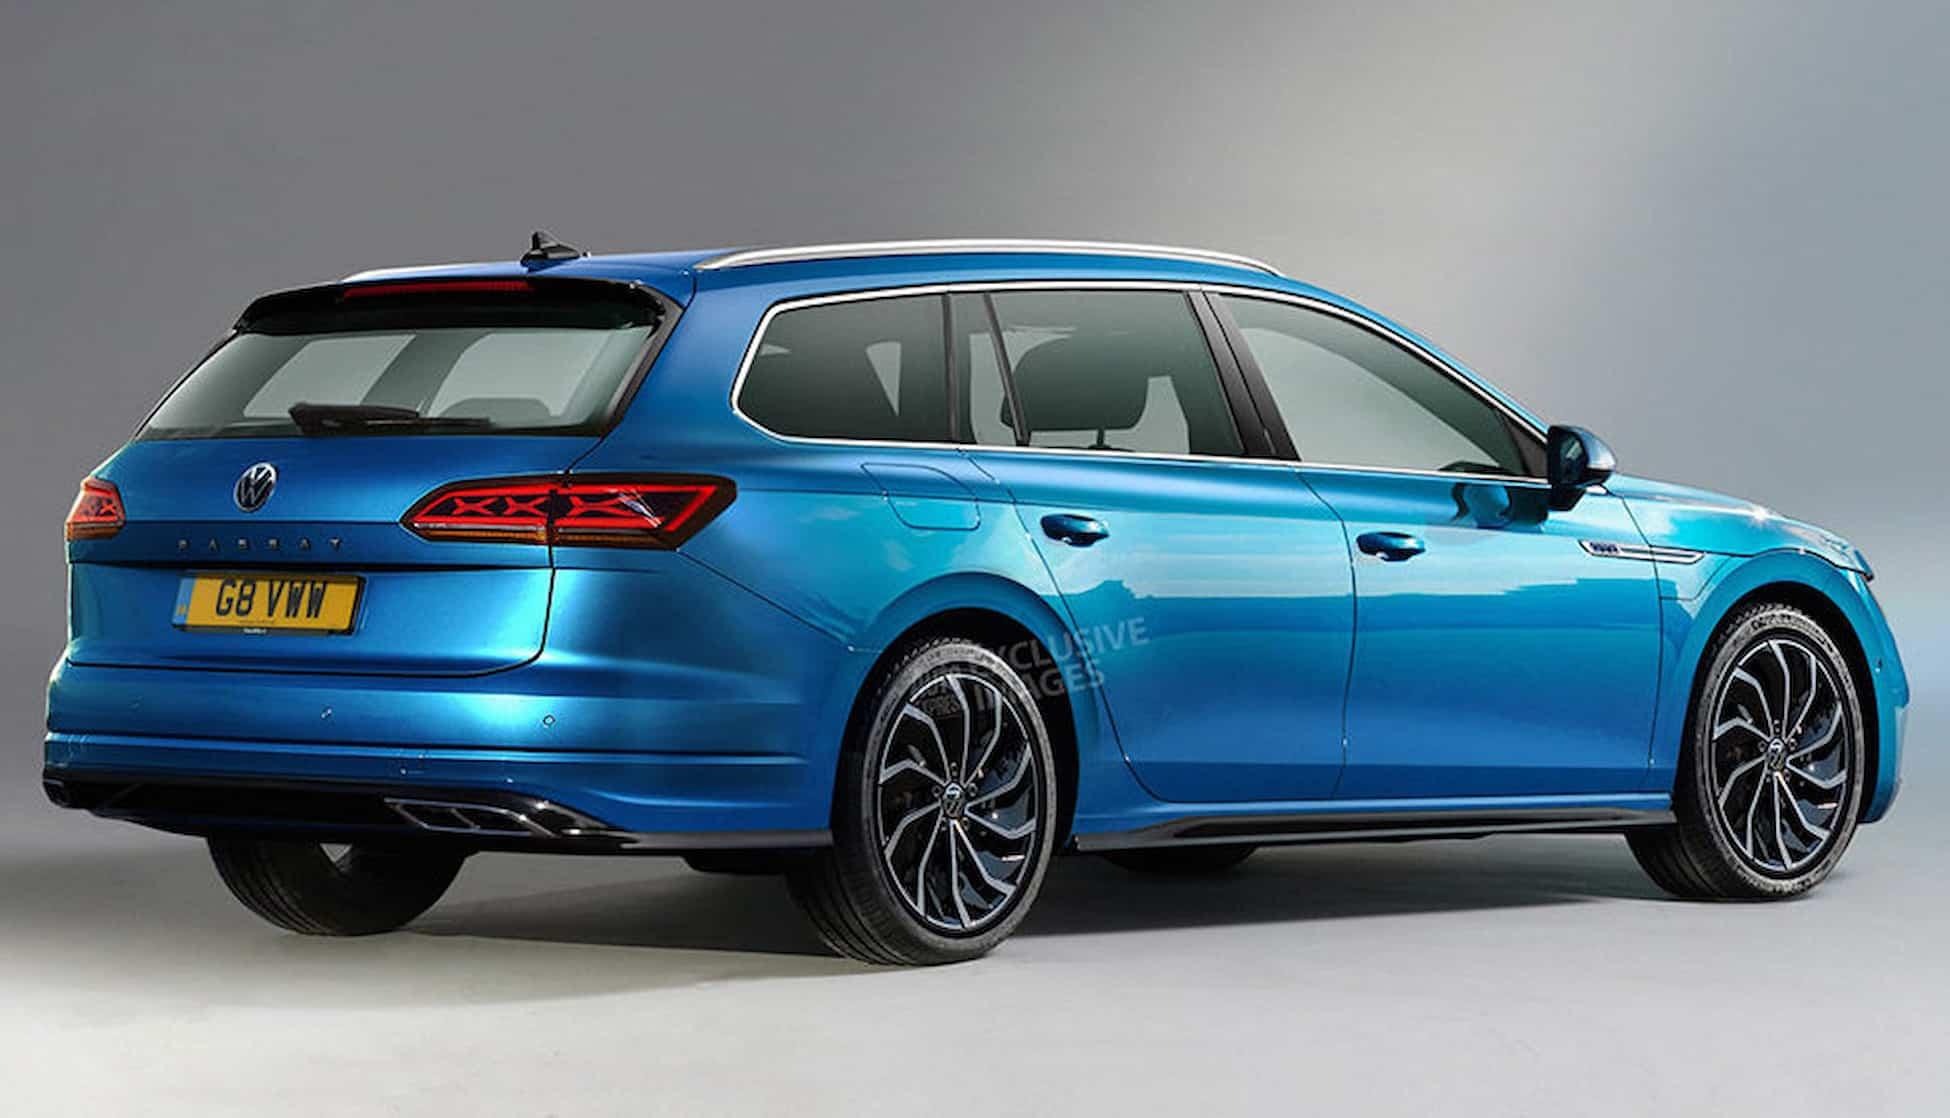 Volkswagen Passat exclusive images 3